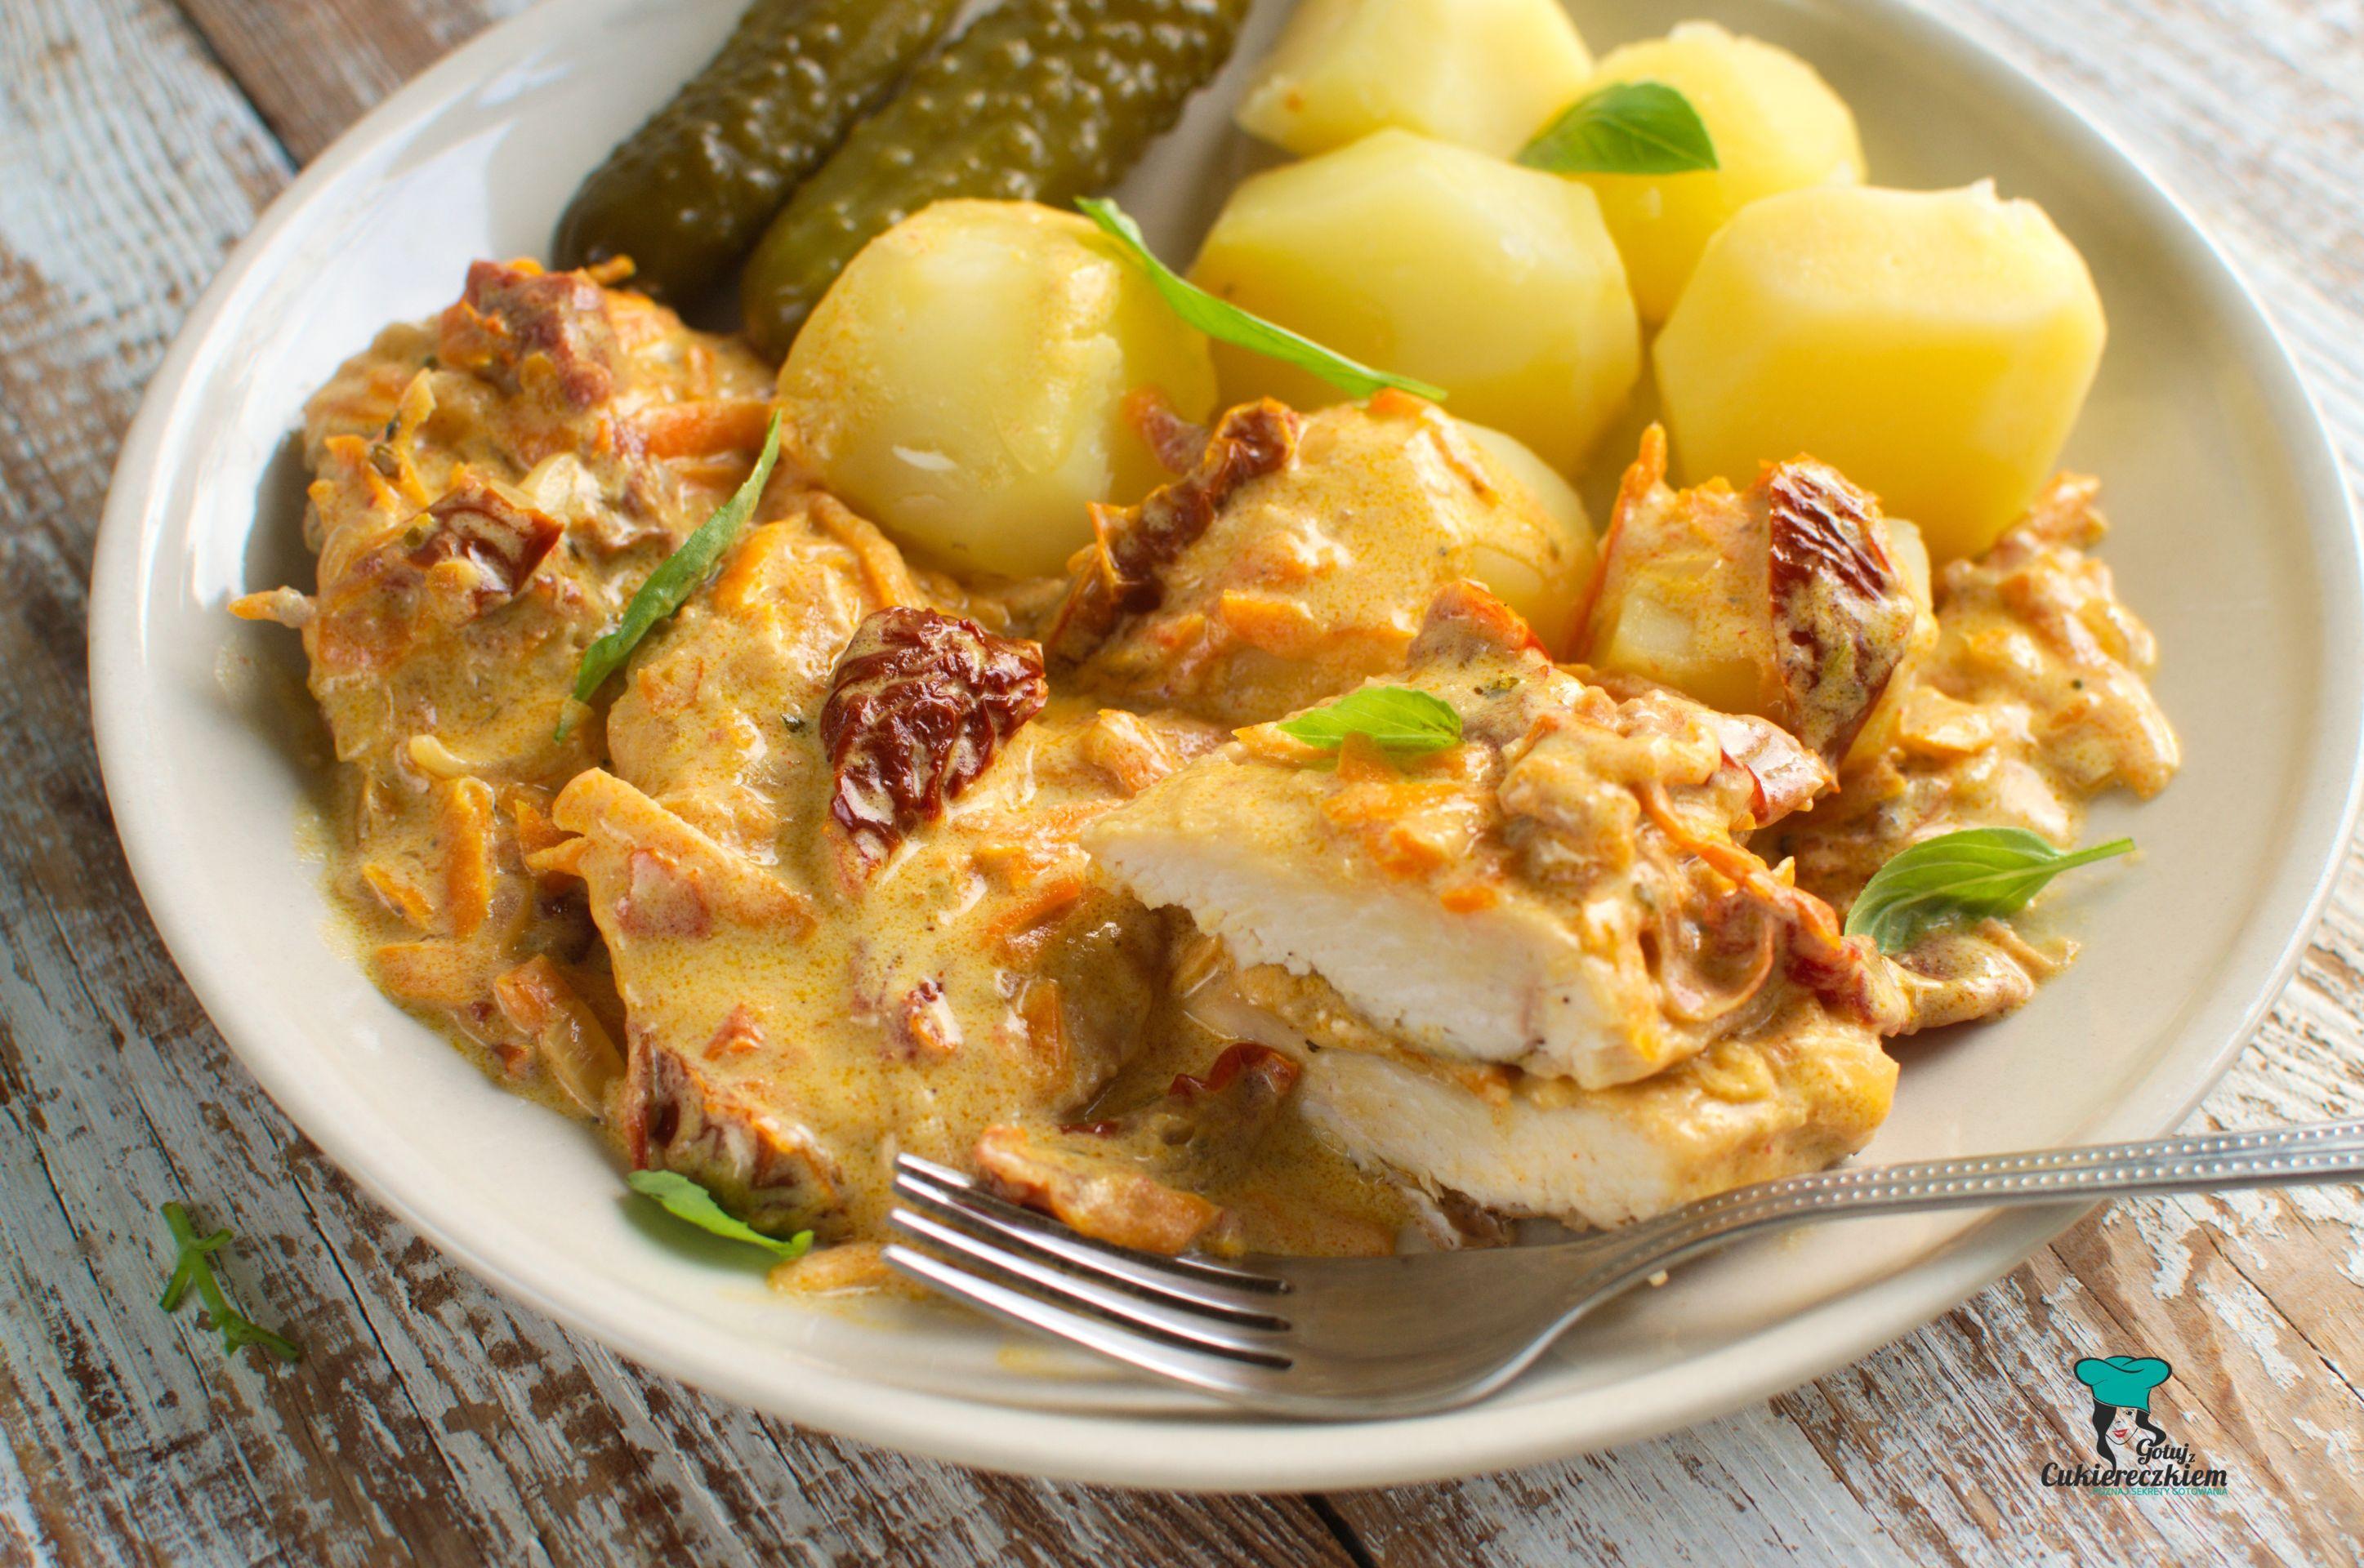 Fileciki z kurczaka w kremowym sosie z marchewką i suszonymi pomidorami